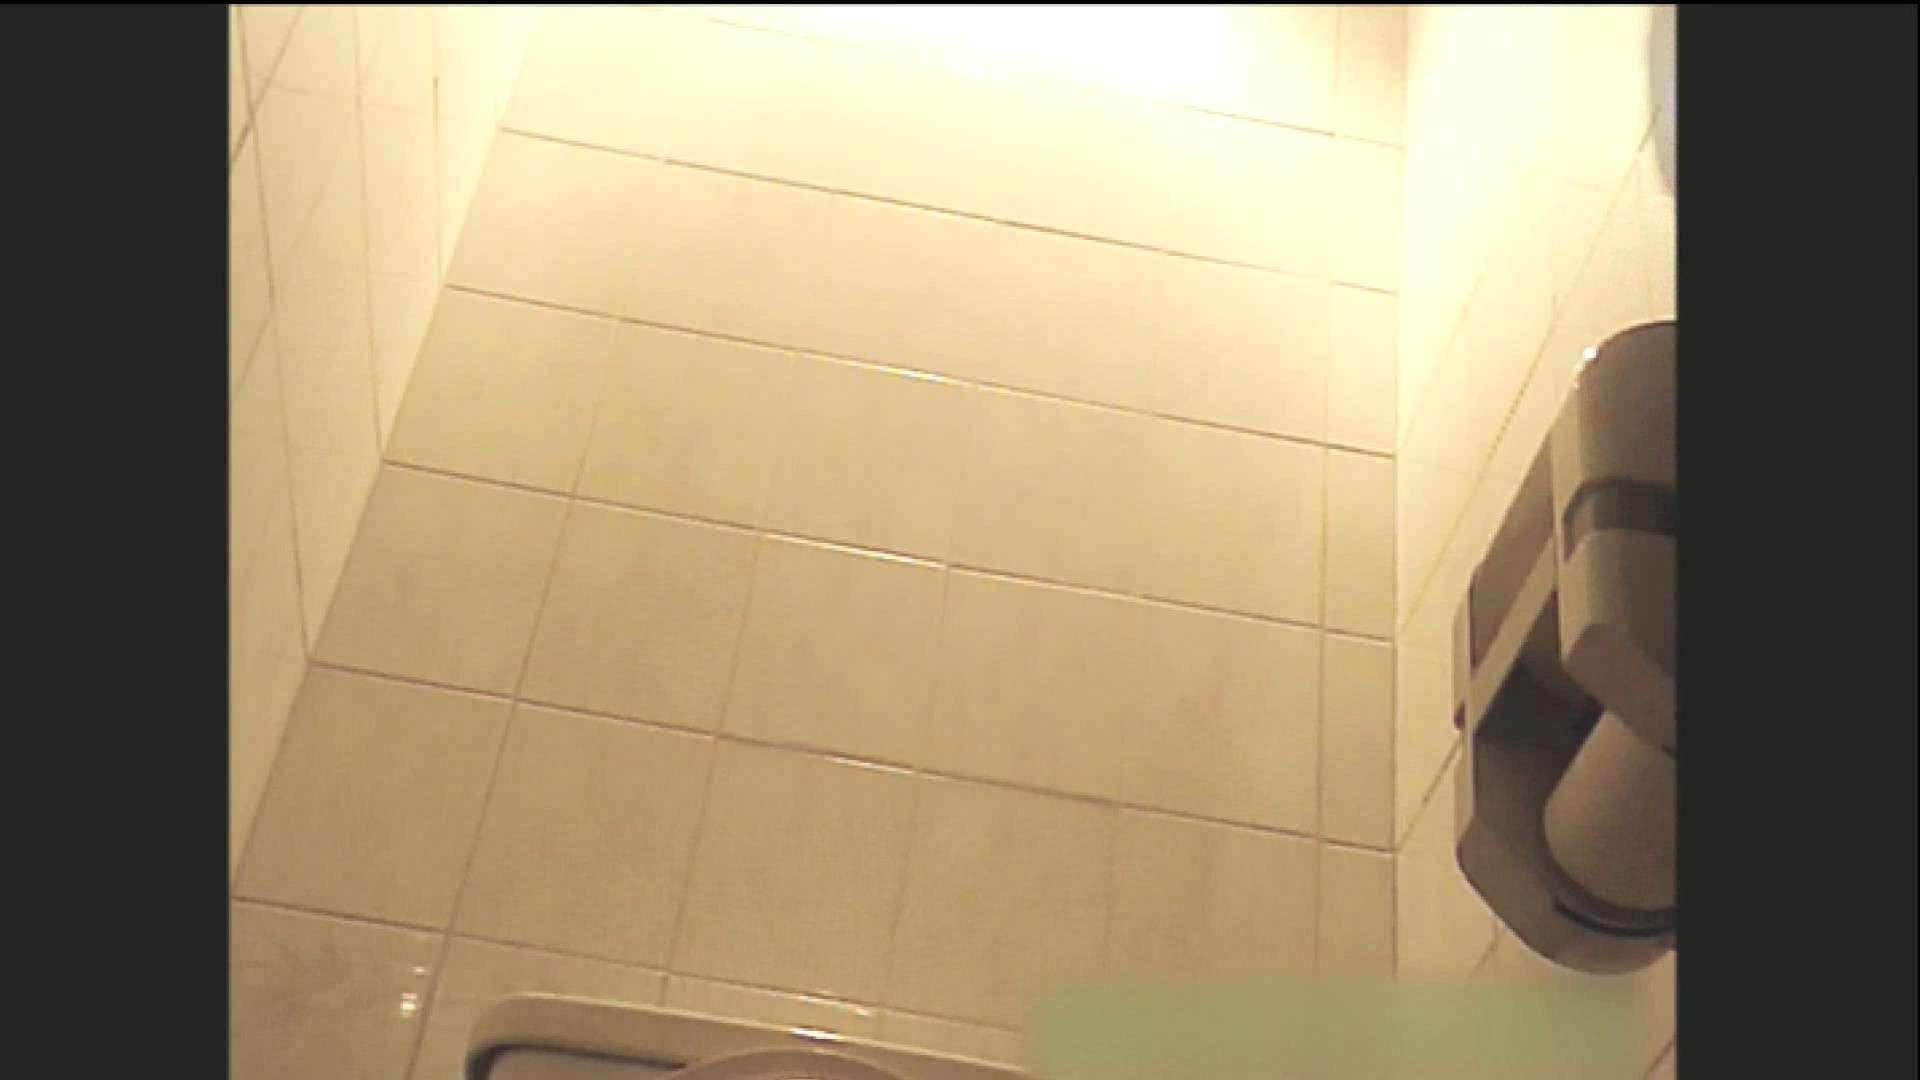 実録!!綺麗なお姉さんのトイレ事情・・・。vol.10 お姉さんのヌード オメコ無修正動画無料 92画像 38